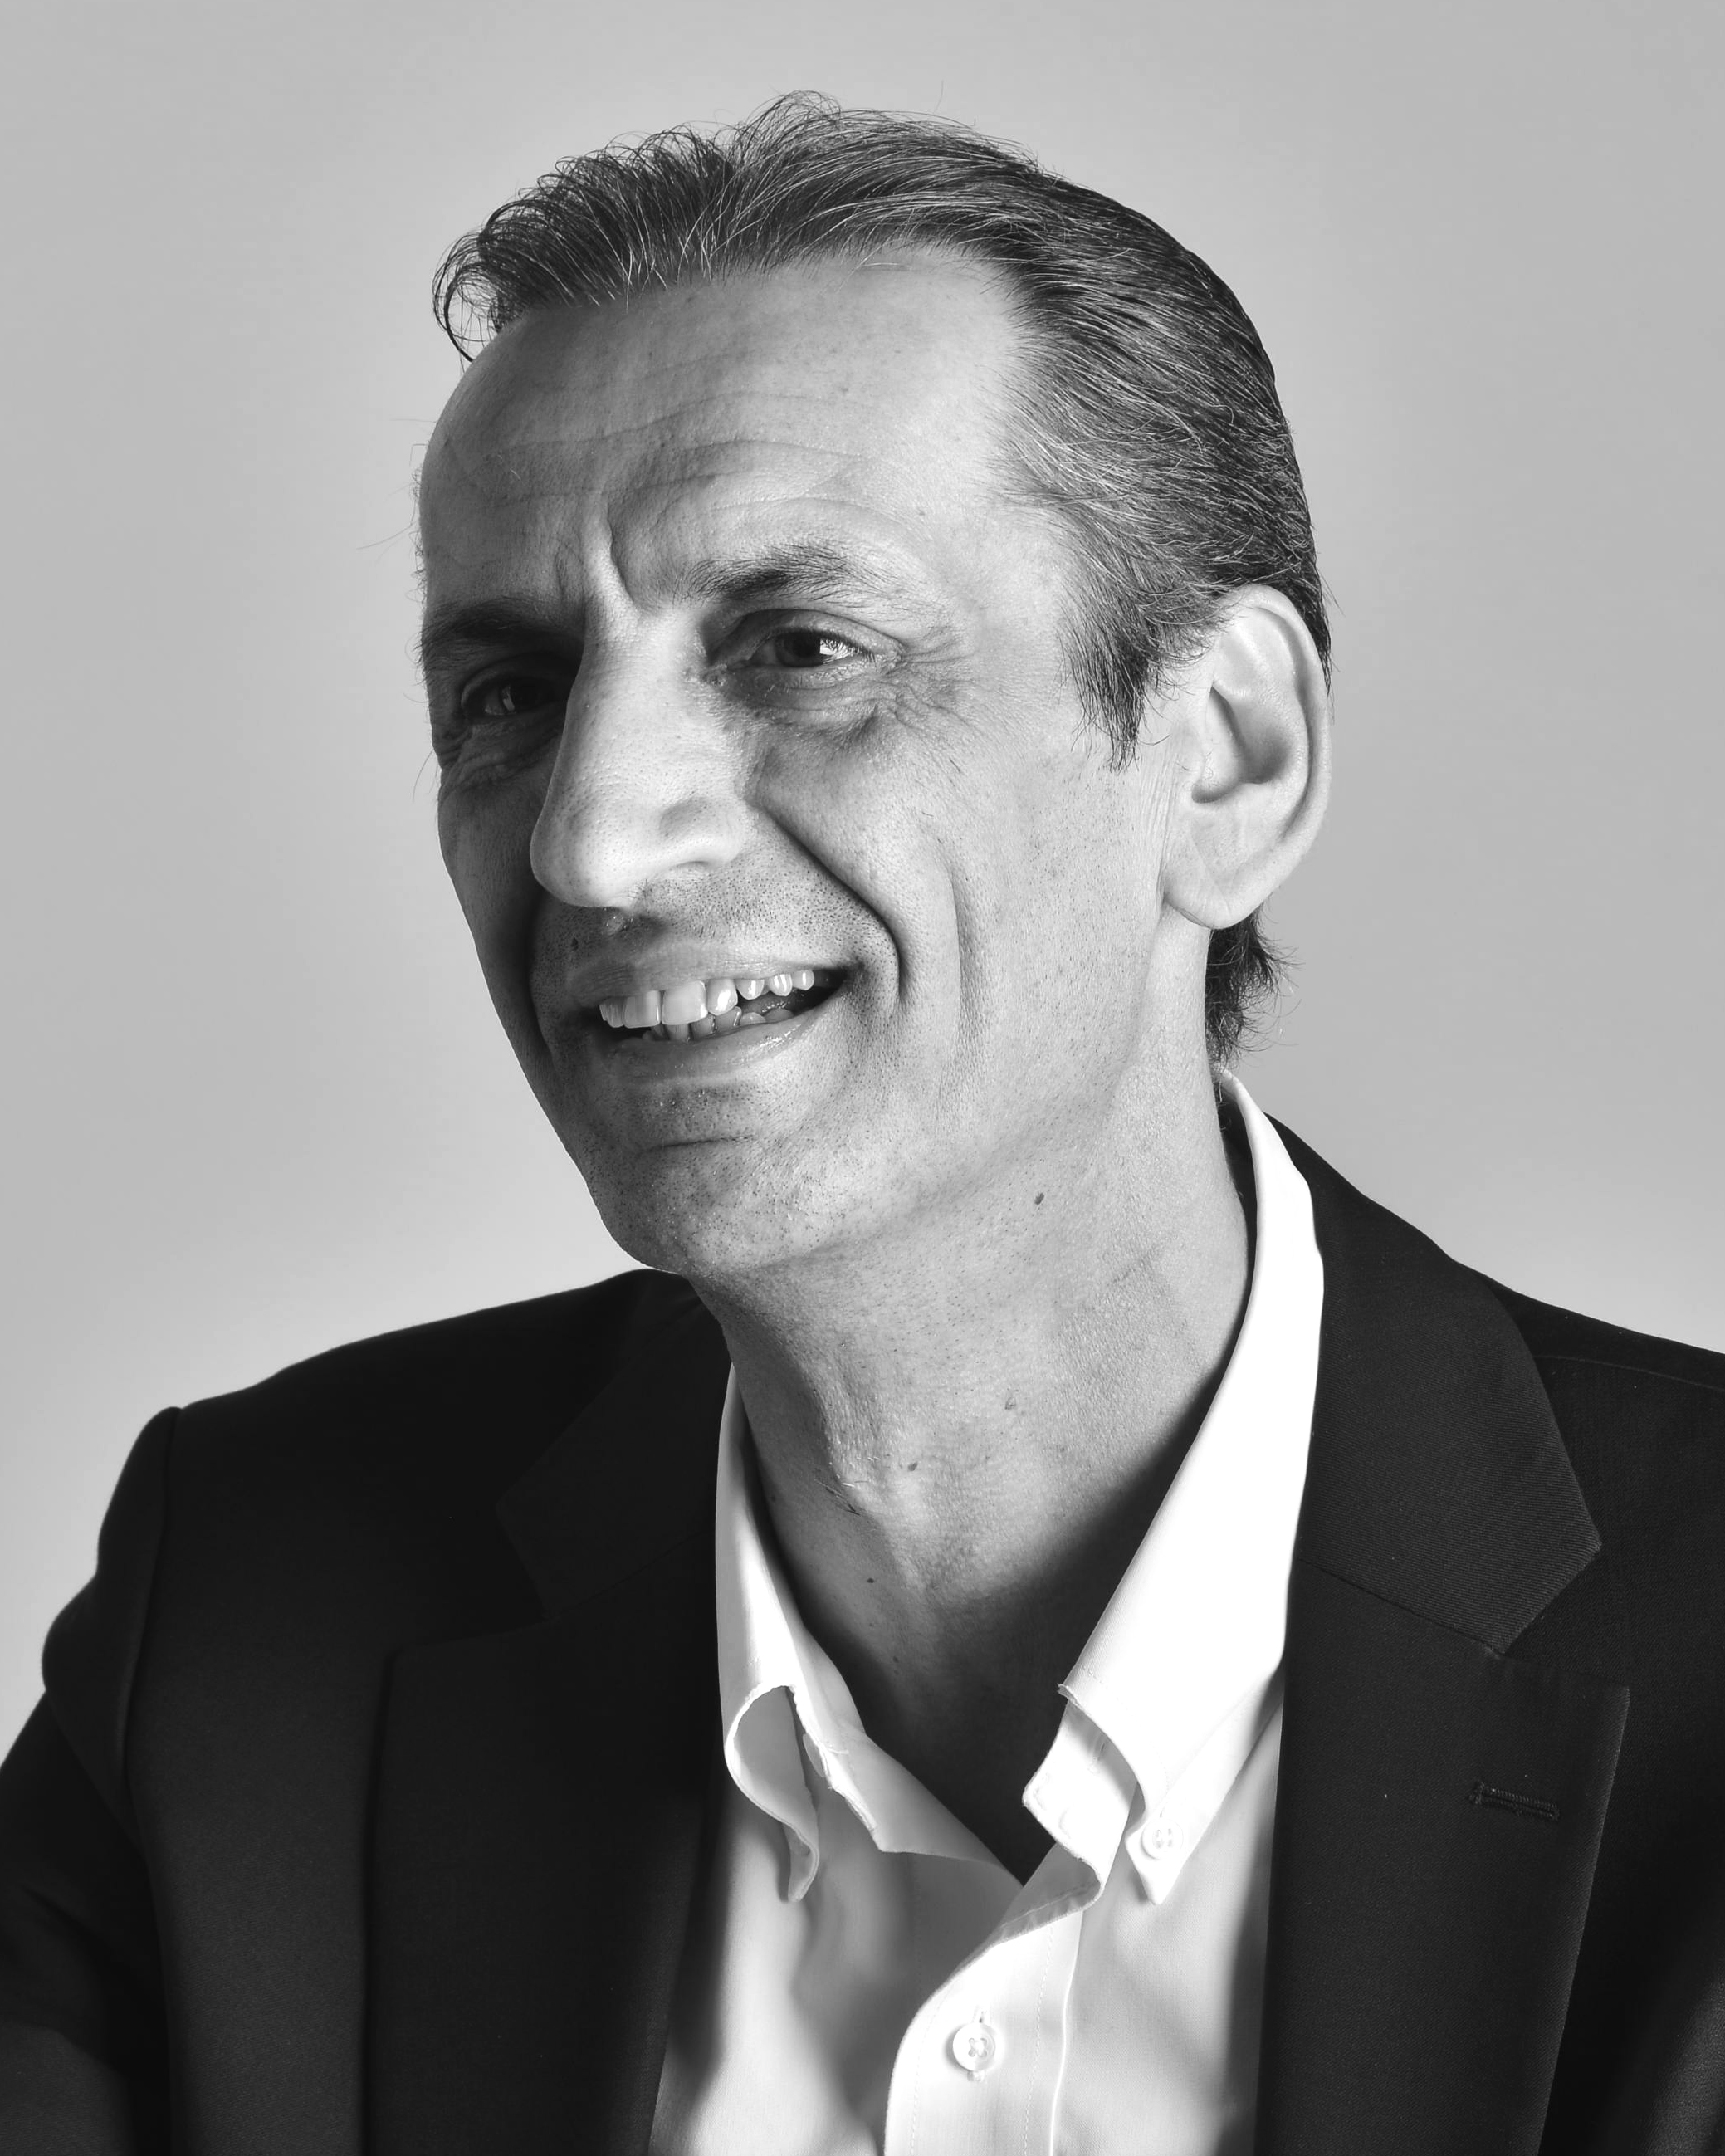 Ο Πρόεδρος & Διευθύνων Σύμβουλος της ΑΒ Βασιλόπουλος, Βασίλης Σταύρου